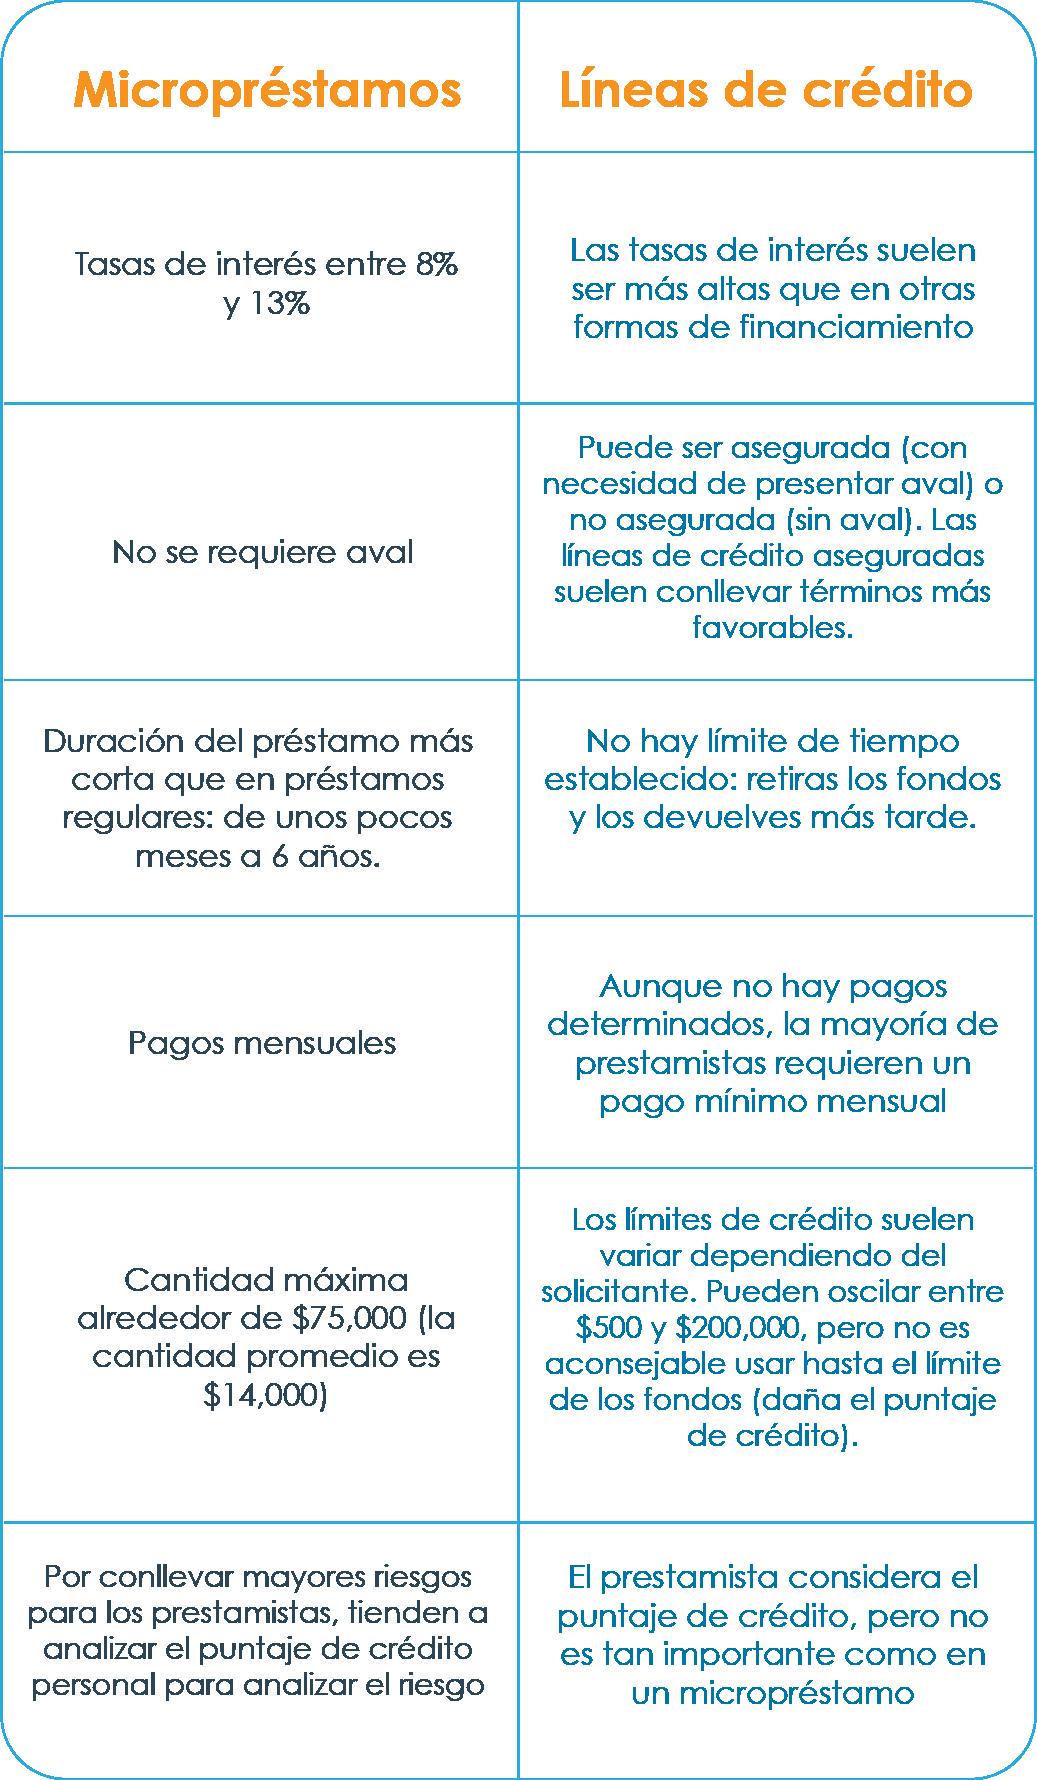 8bf619c4acc1 Micropréstamo o línea de crédito: ¿qué es mejor cuando necesitas ...